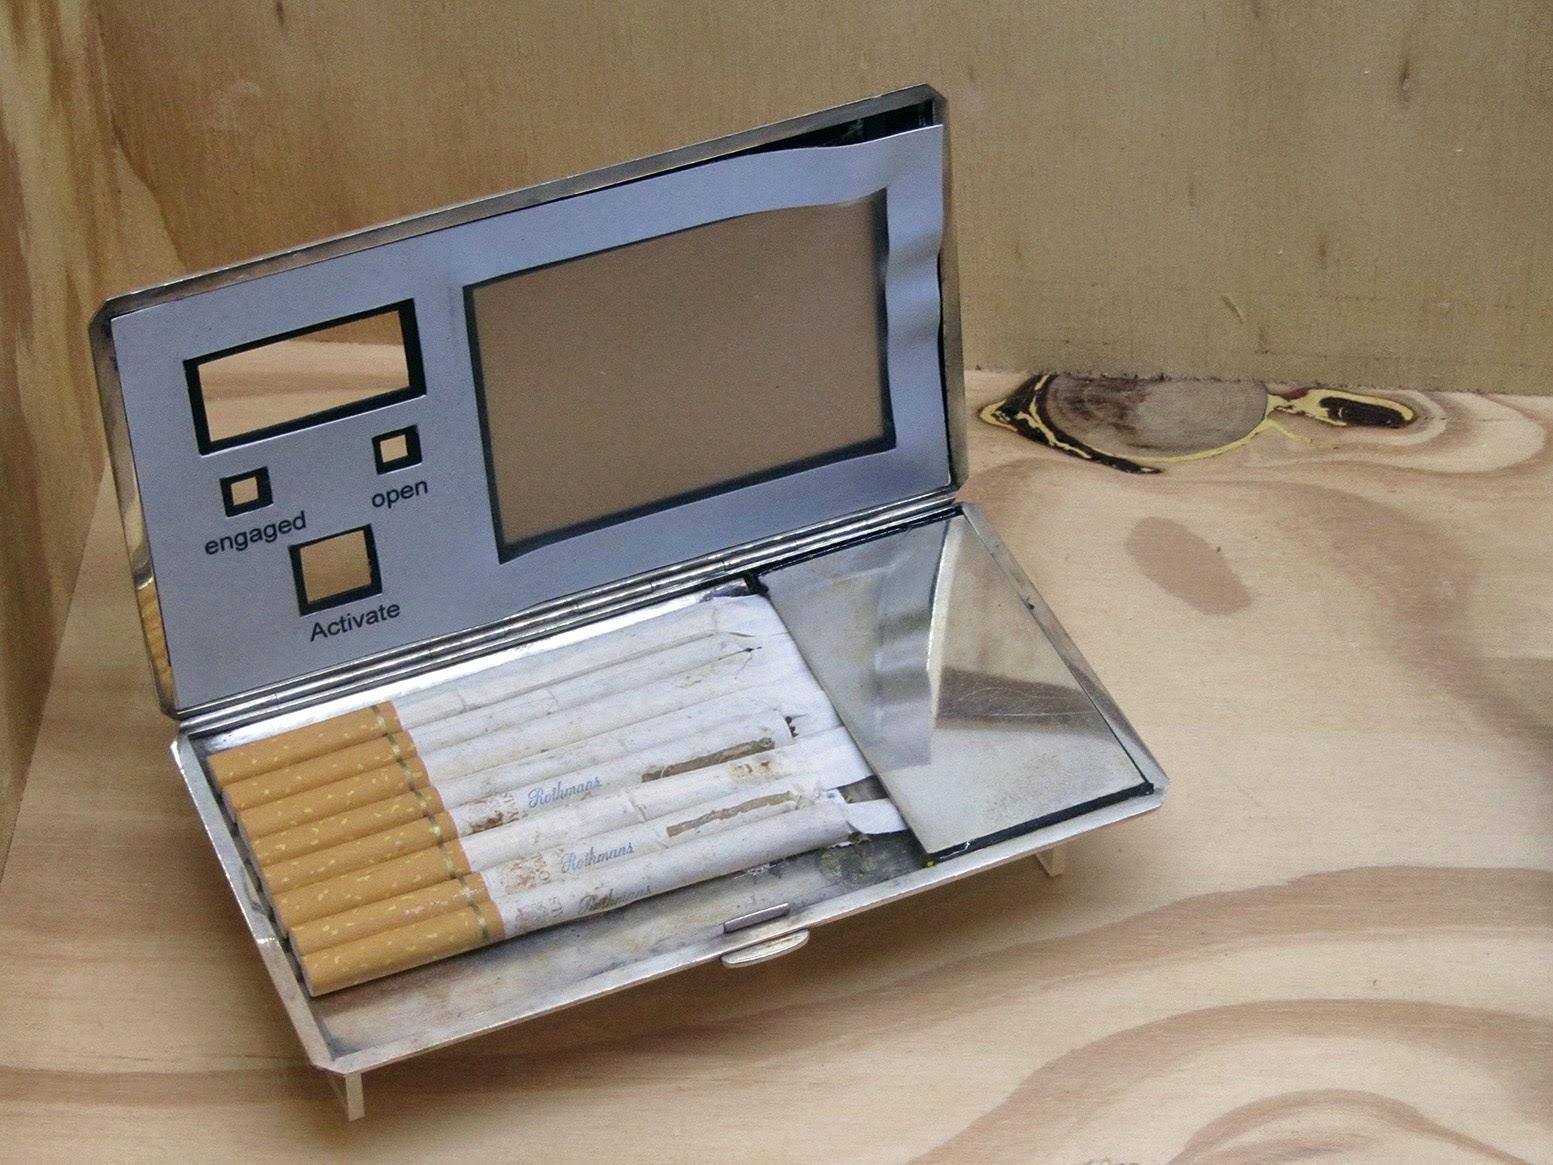 James Bond gadget: sigarette holder with secret function